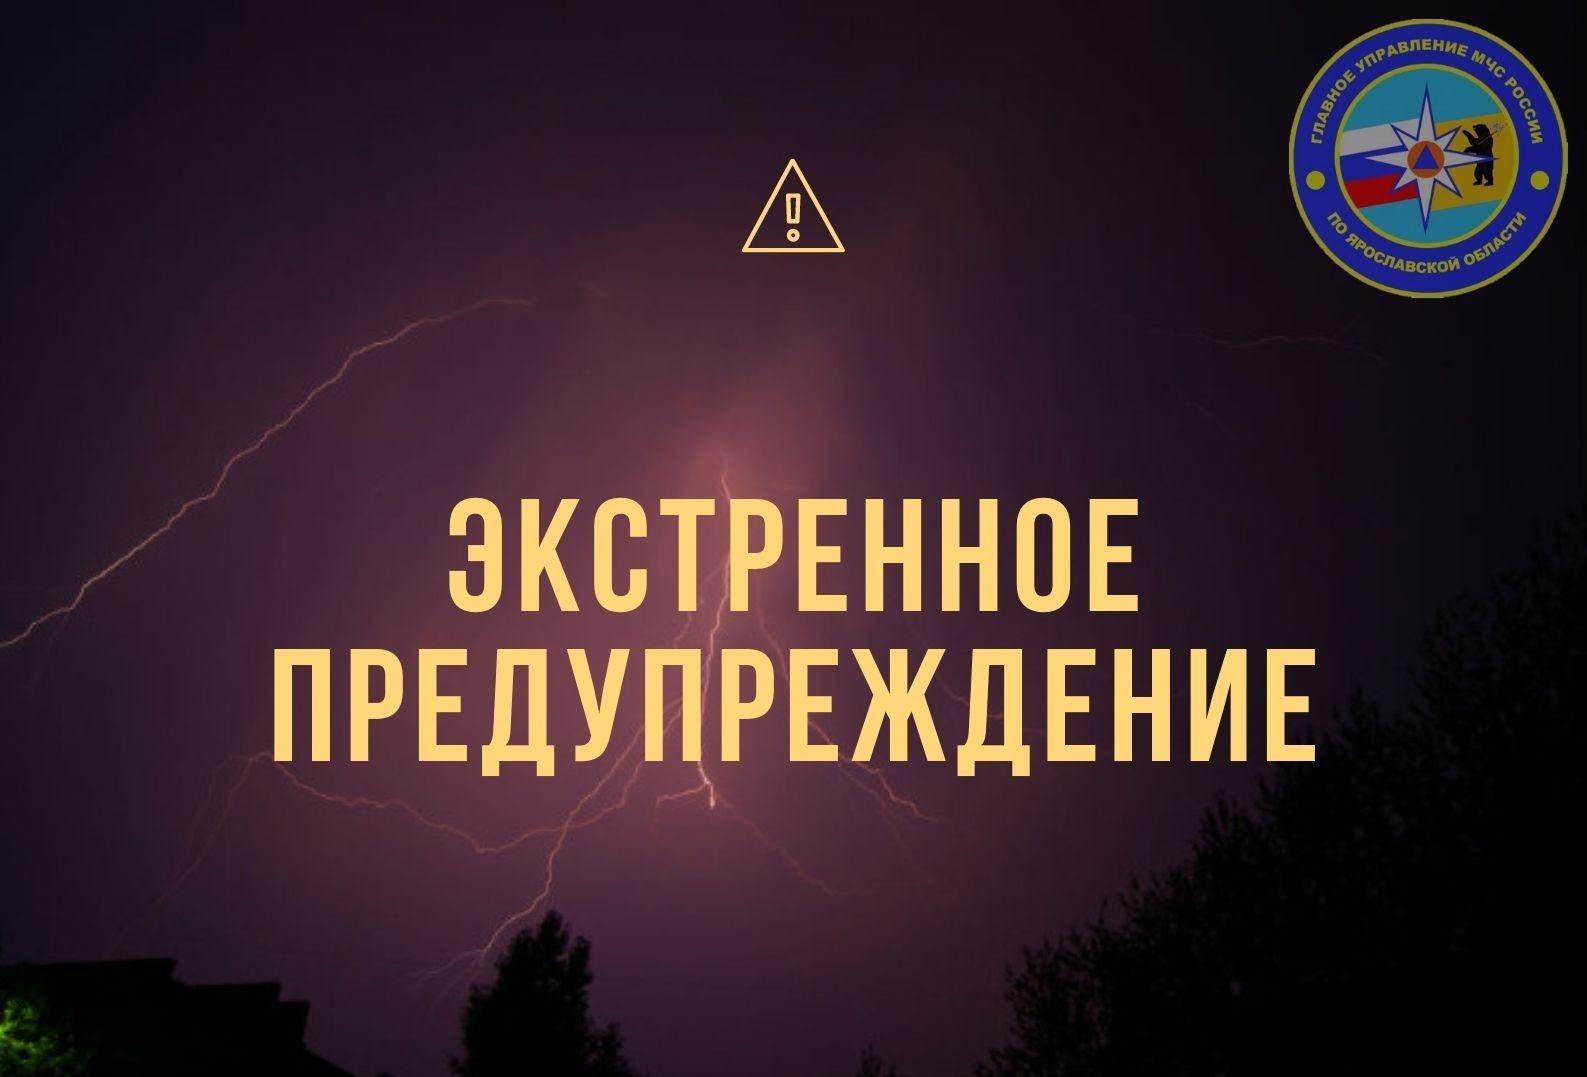 В Ярославской области ожидается гроза с сильным ветром: экстренное предупреждение МЧС